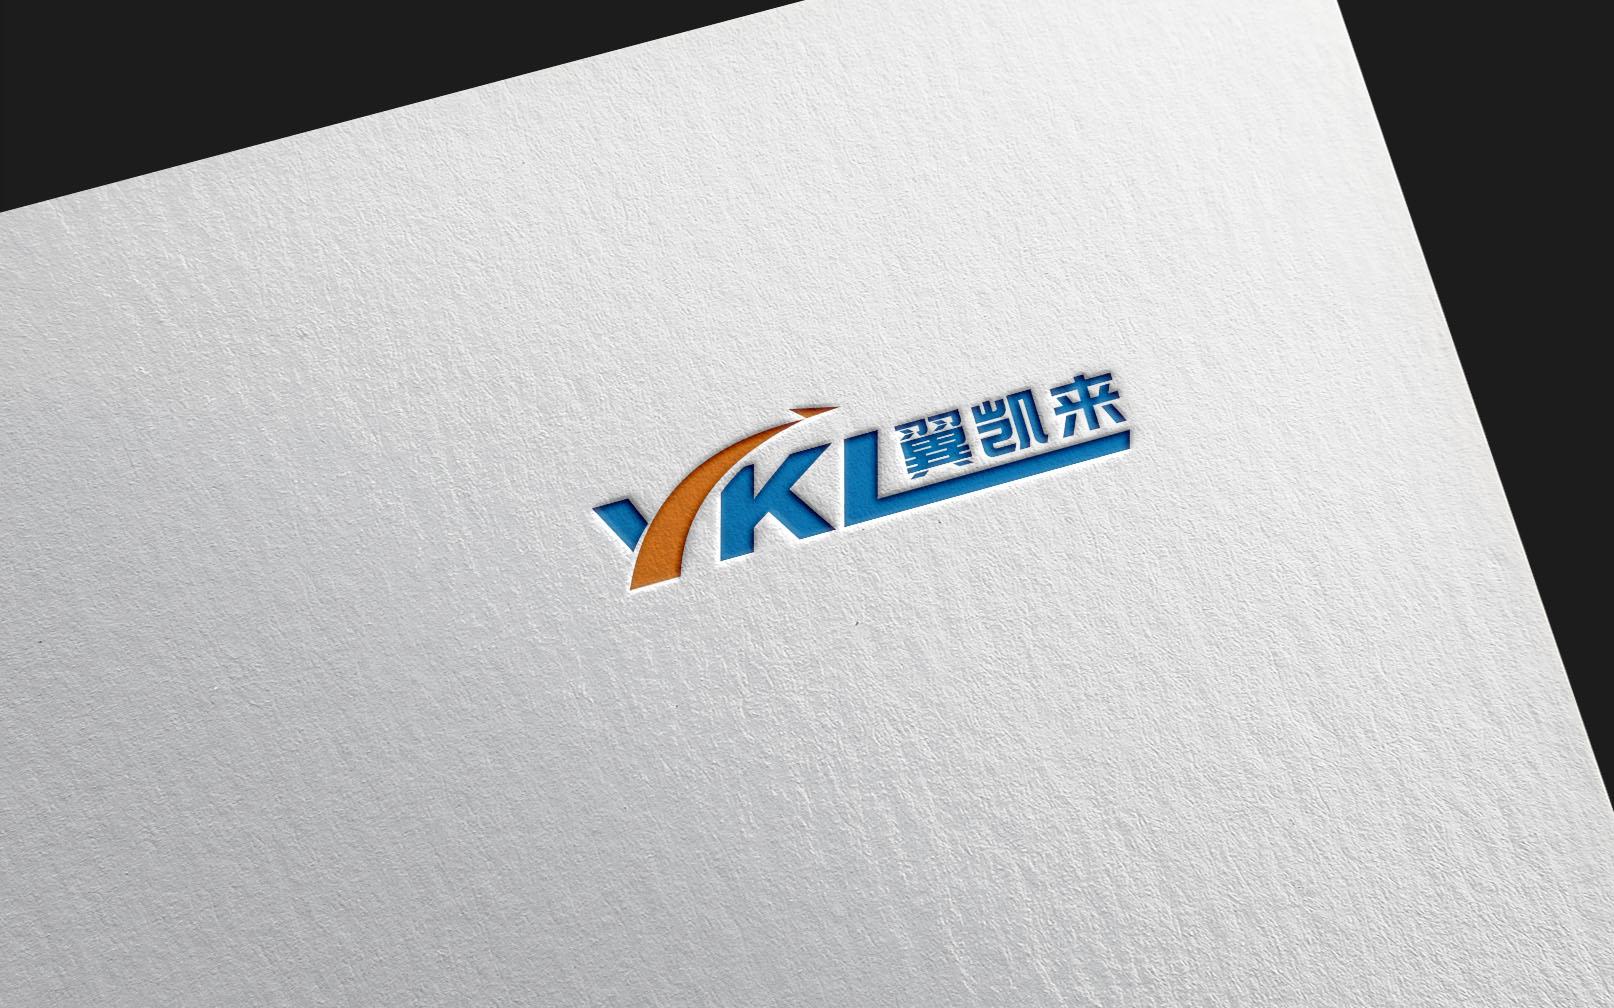 商标设计(5.26更新)_3037572_k68威客网